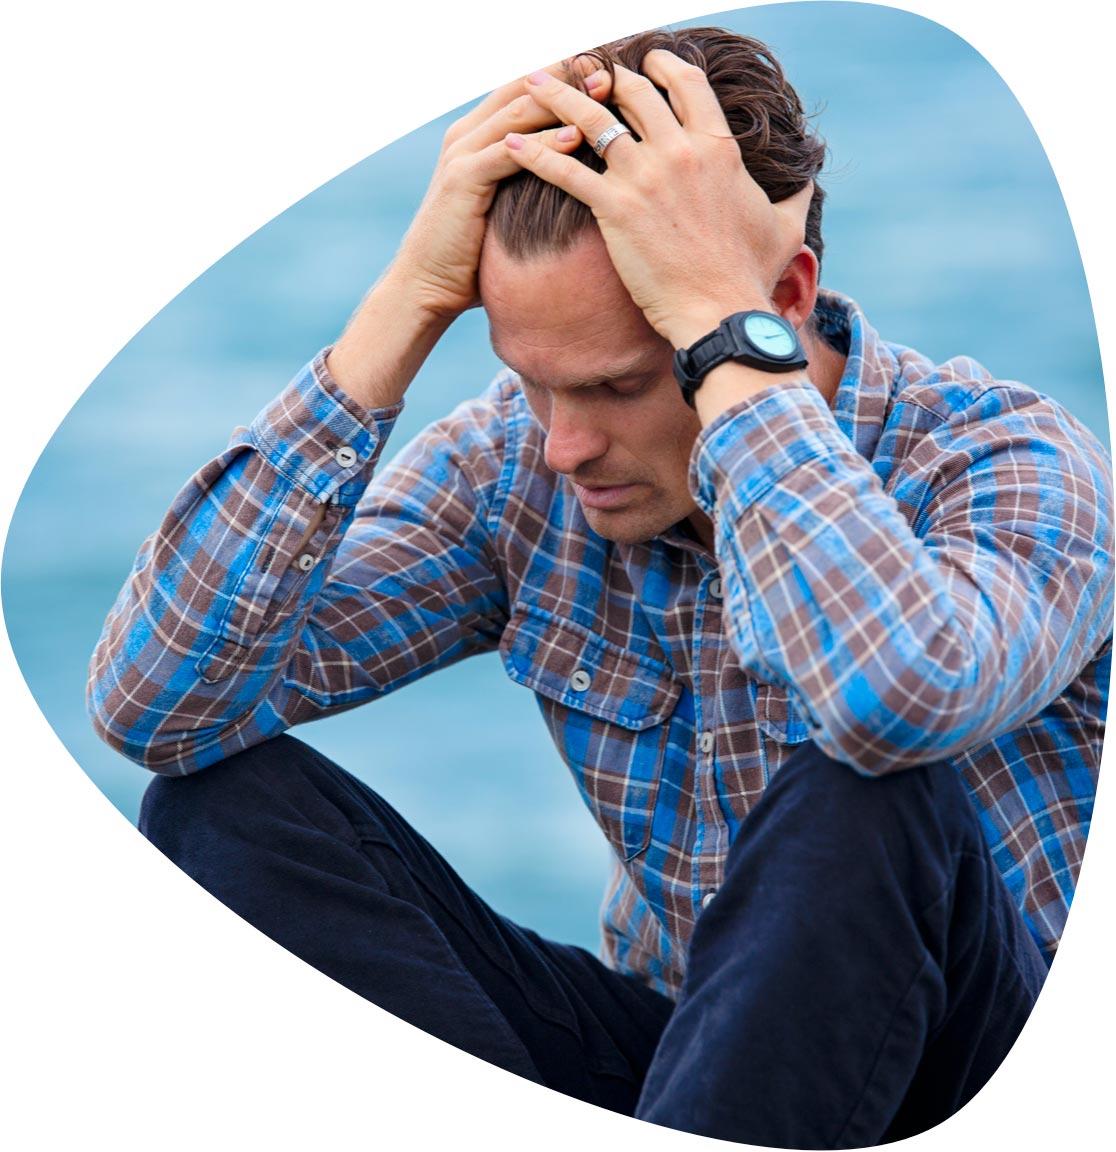 service réduire son stress grâce à l'hypnothérapie